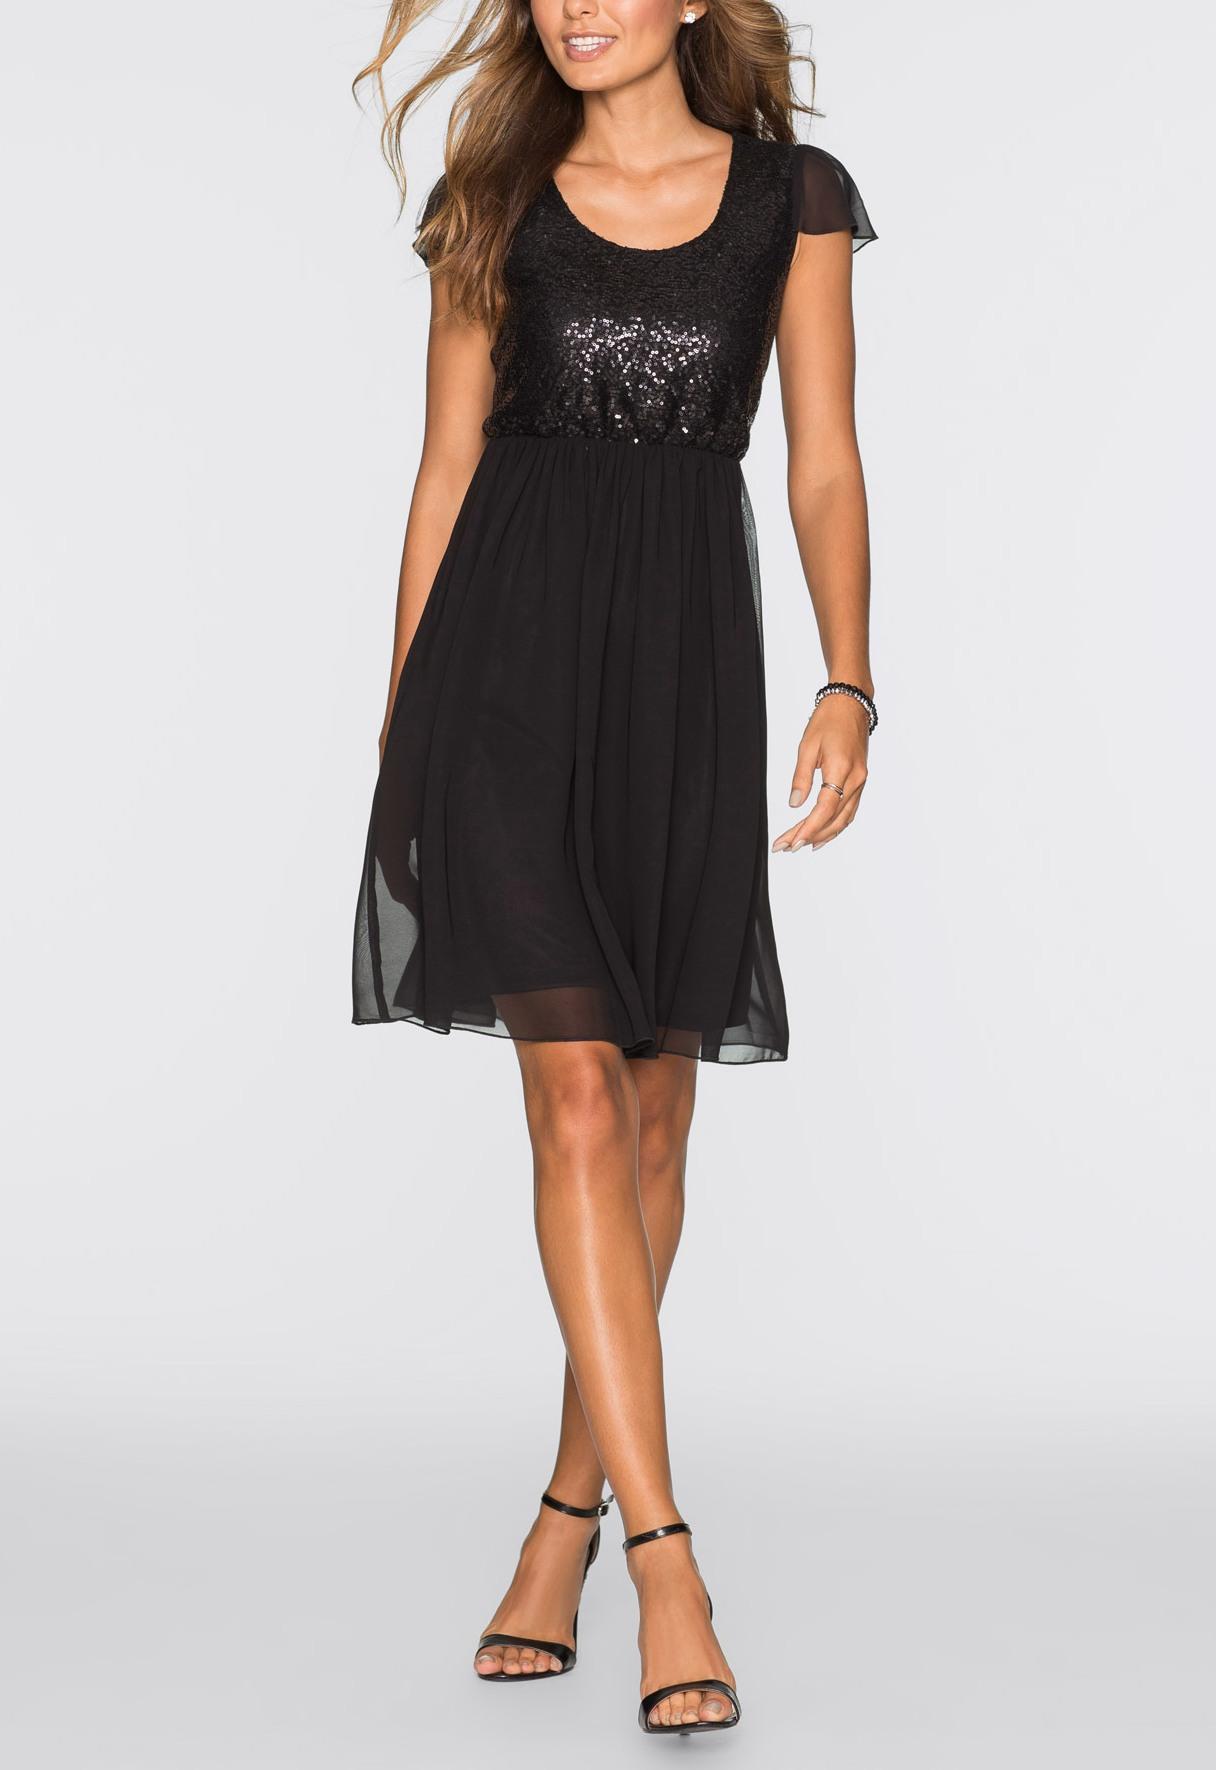 kleid mit pailletten gr 48 schwarz damen kurzes abendkleid chiffonkleid neu ebay. Black Bedroom Furniture Sets. Home Design Ideas